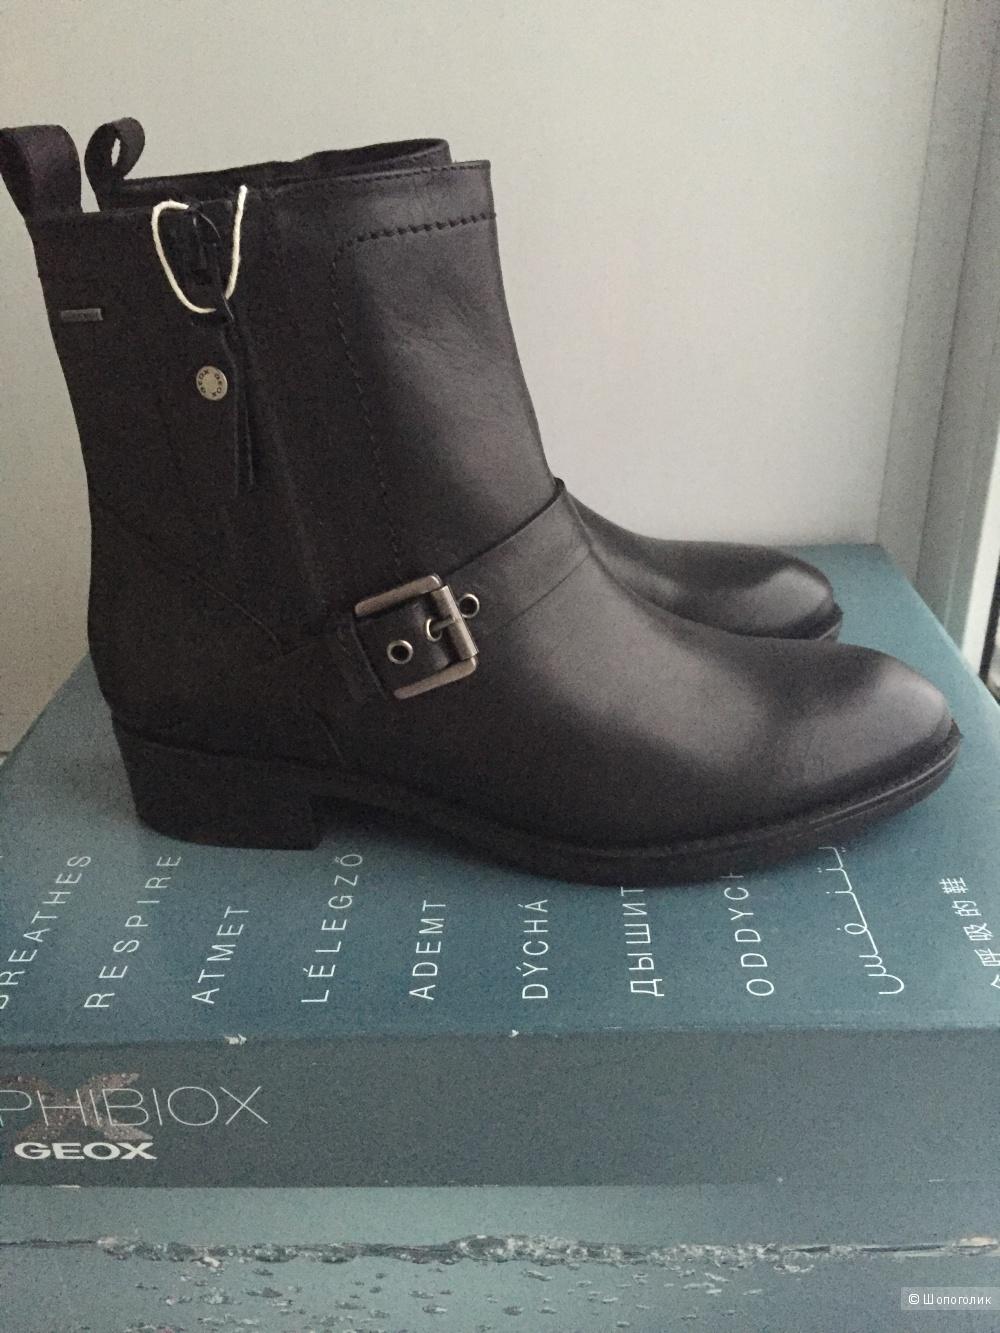 Новые кожаные демисезонные ботинки Geox Аmphibiox р. 37